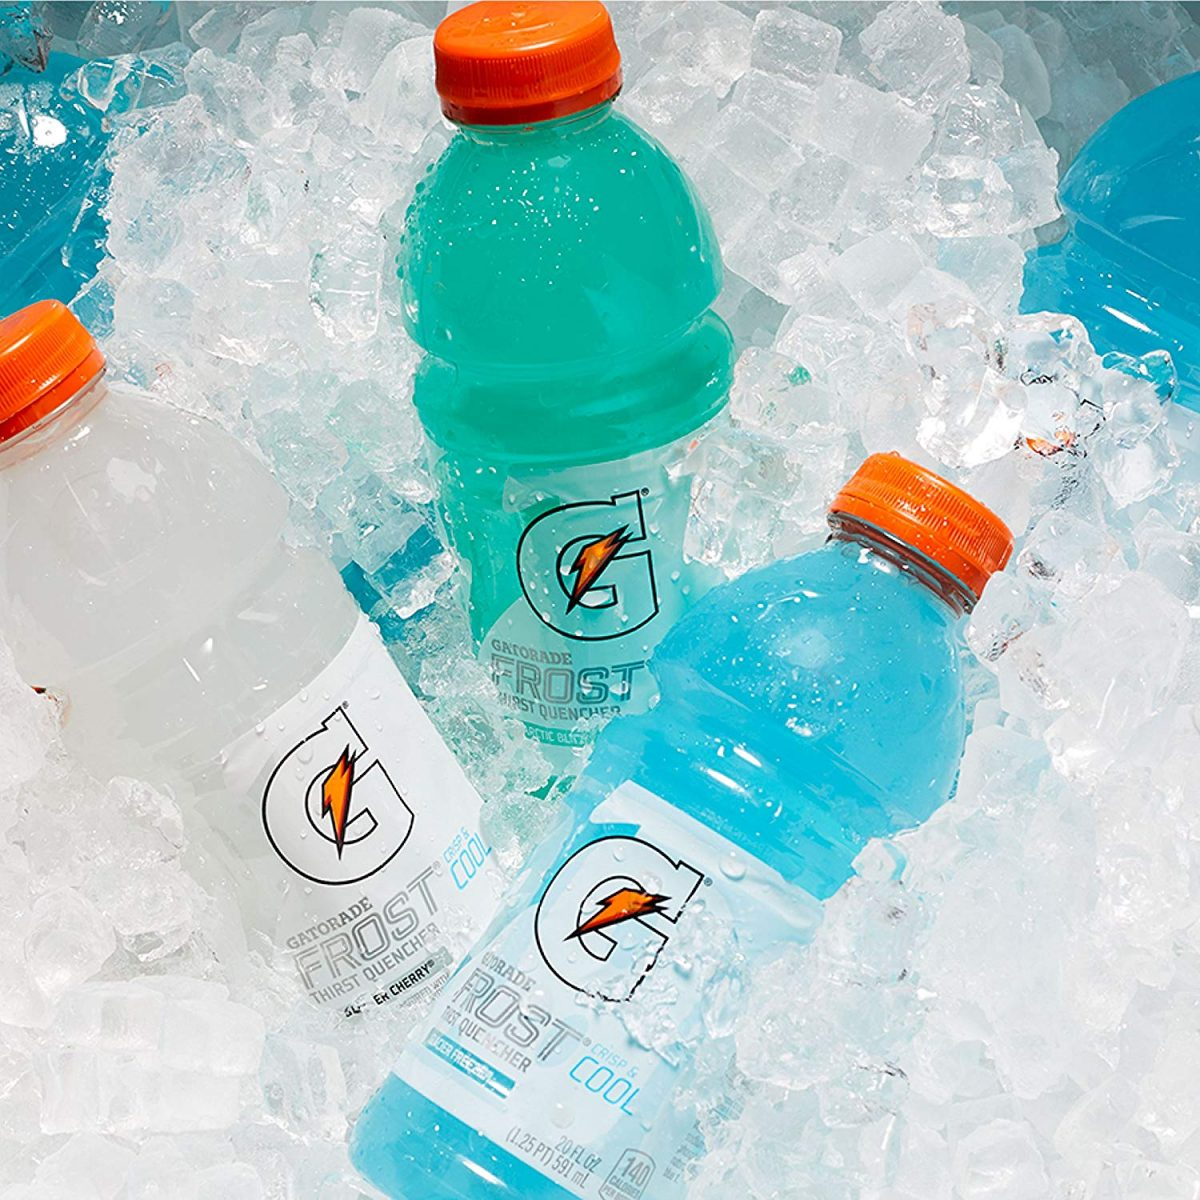 Gatorade Frost Bottle on ice